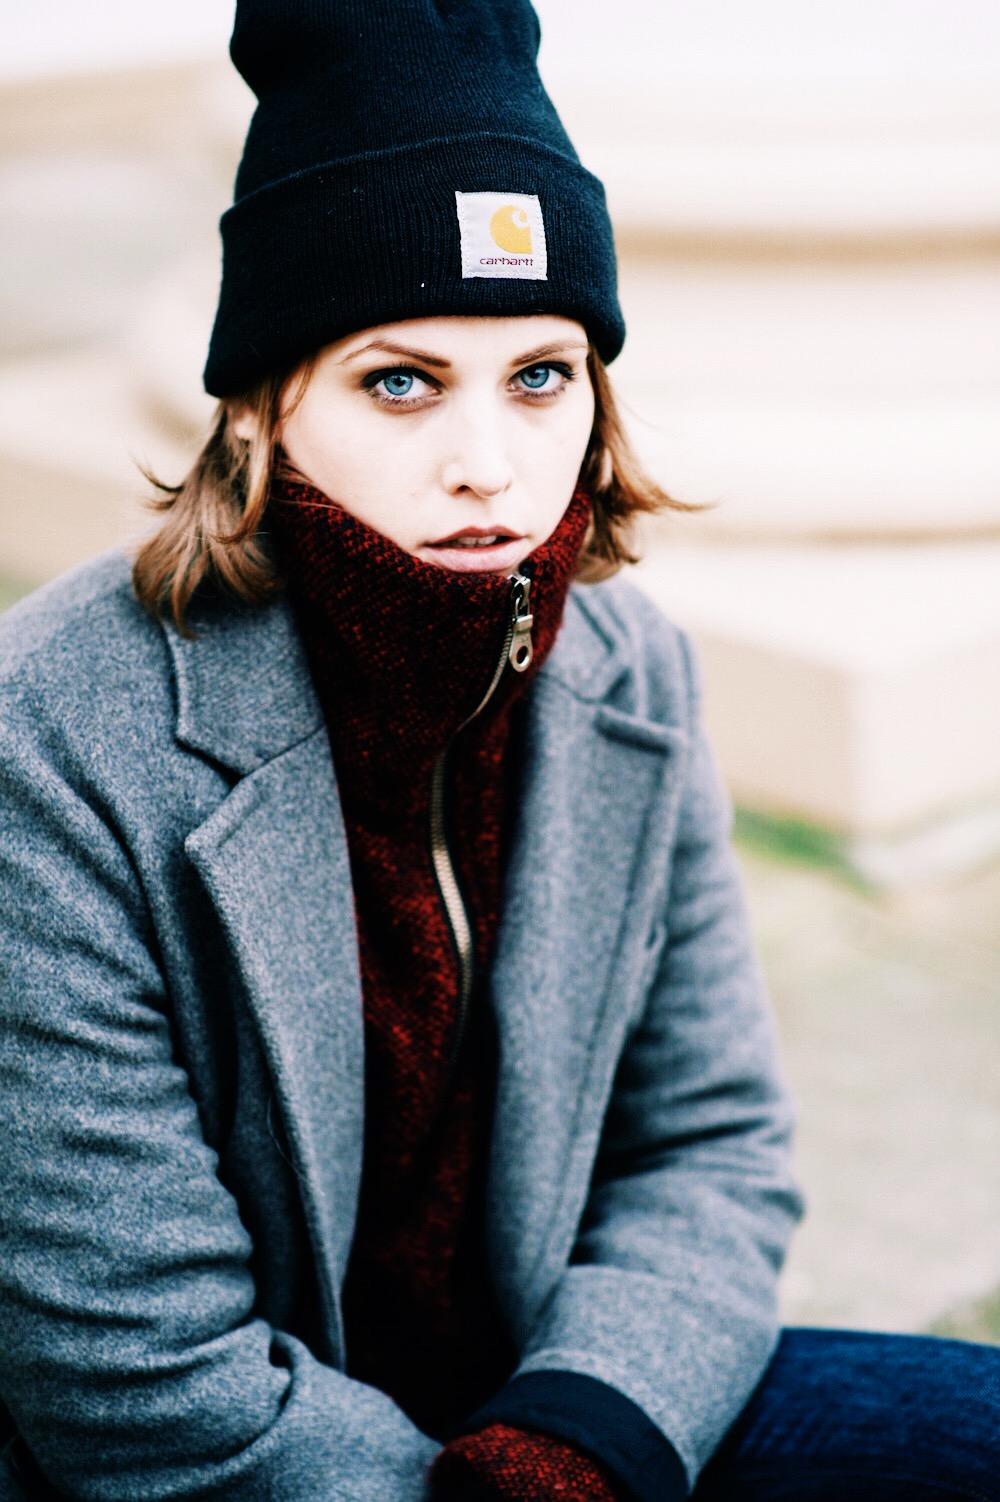 outfit_post_raw_denim_fridafridafrida_nisl_hasenau_2